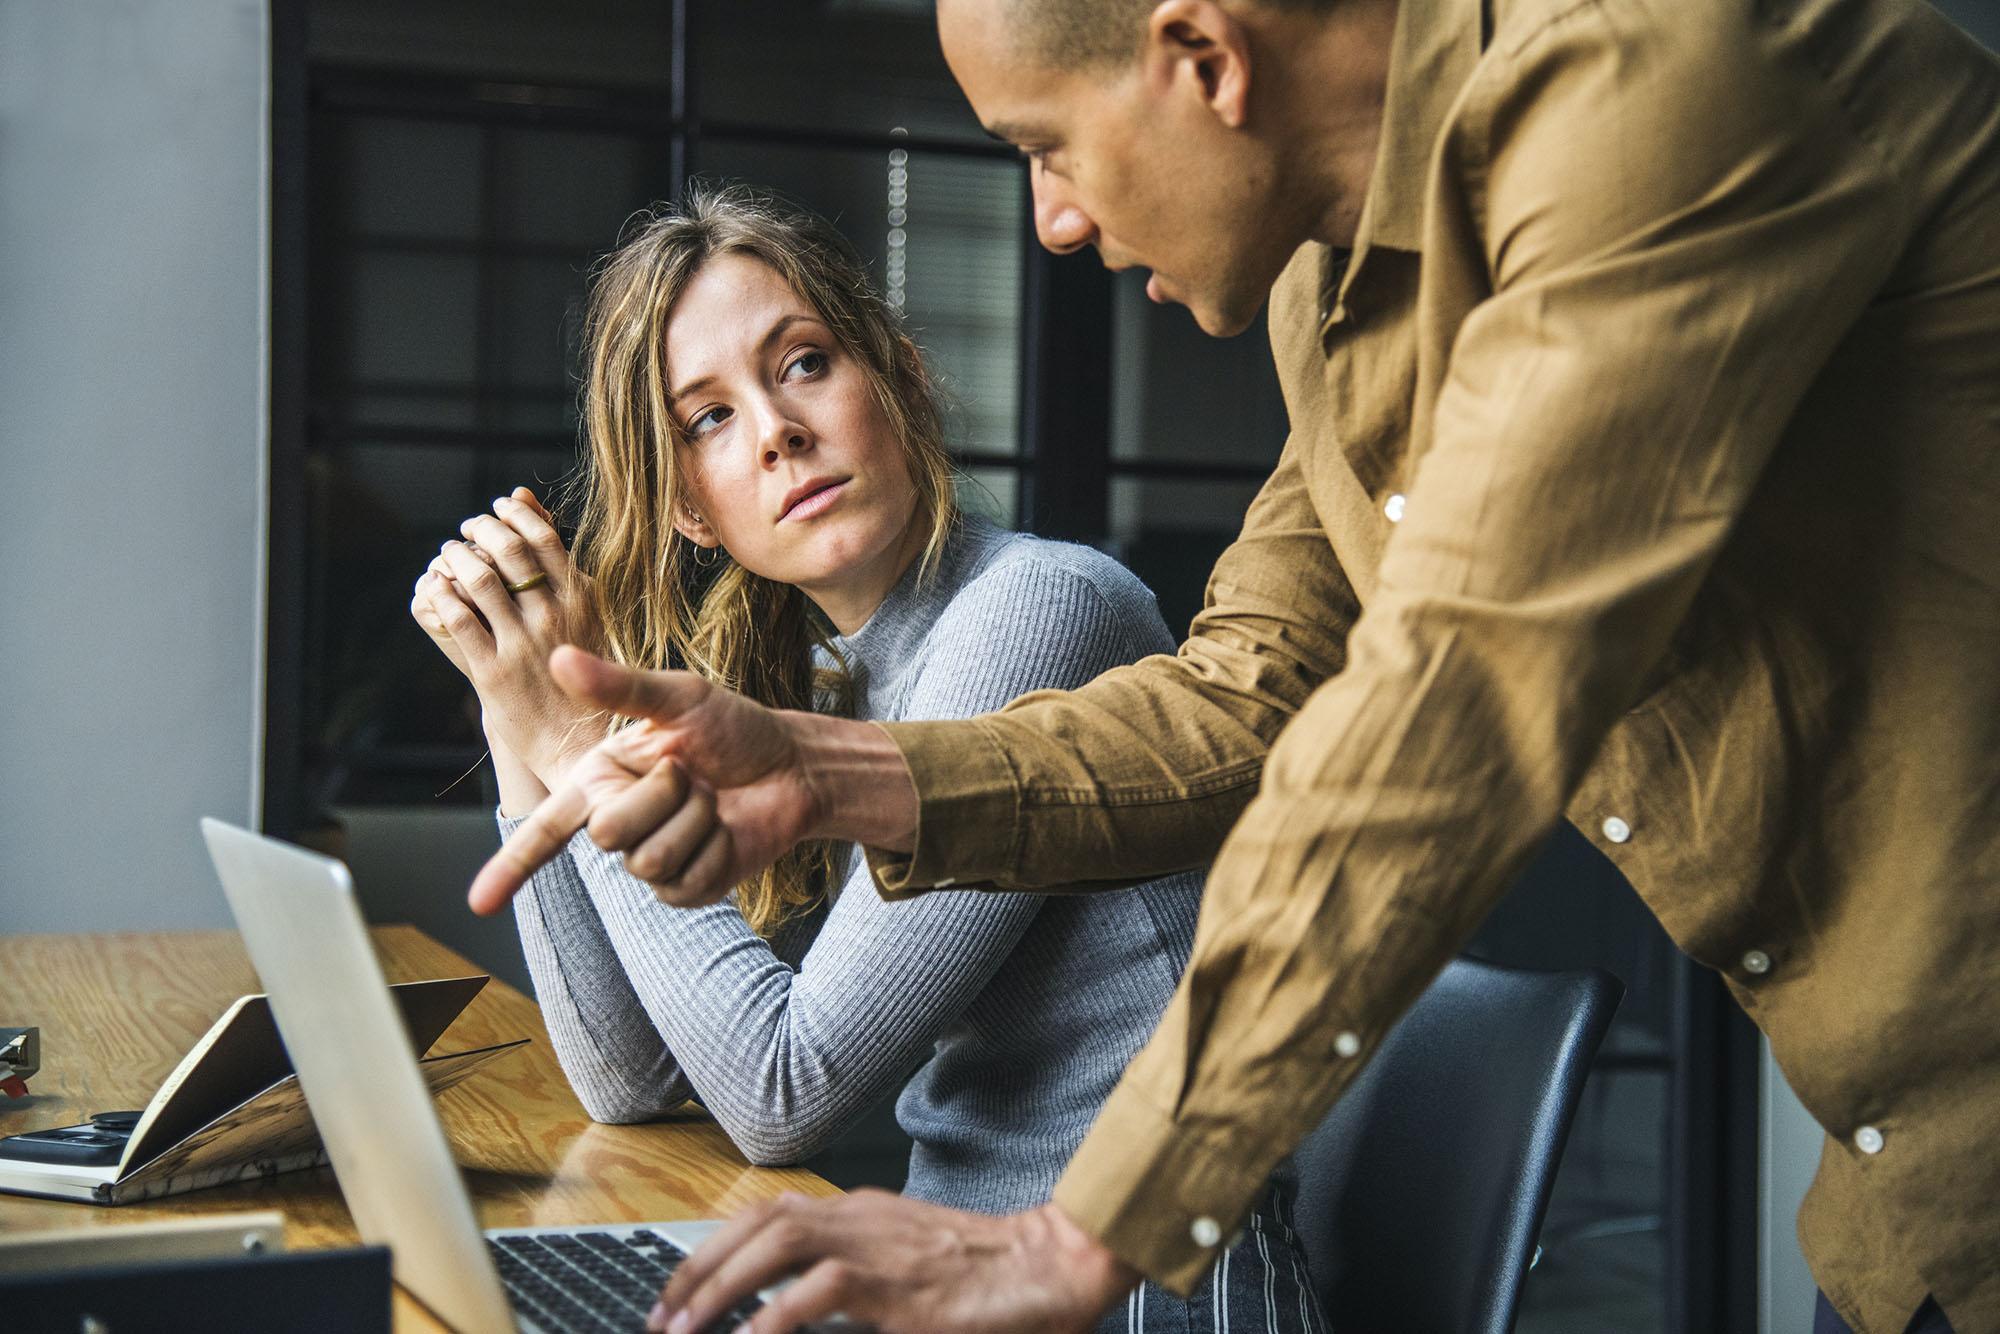 Jeune fille travaillant derrière un ordinateur souffrant de stress au travail